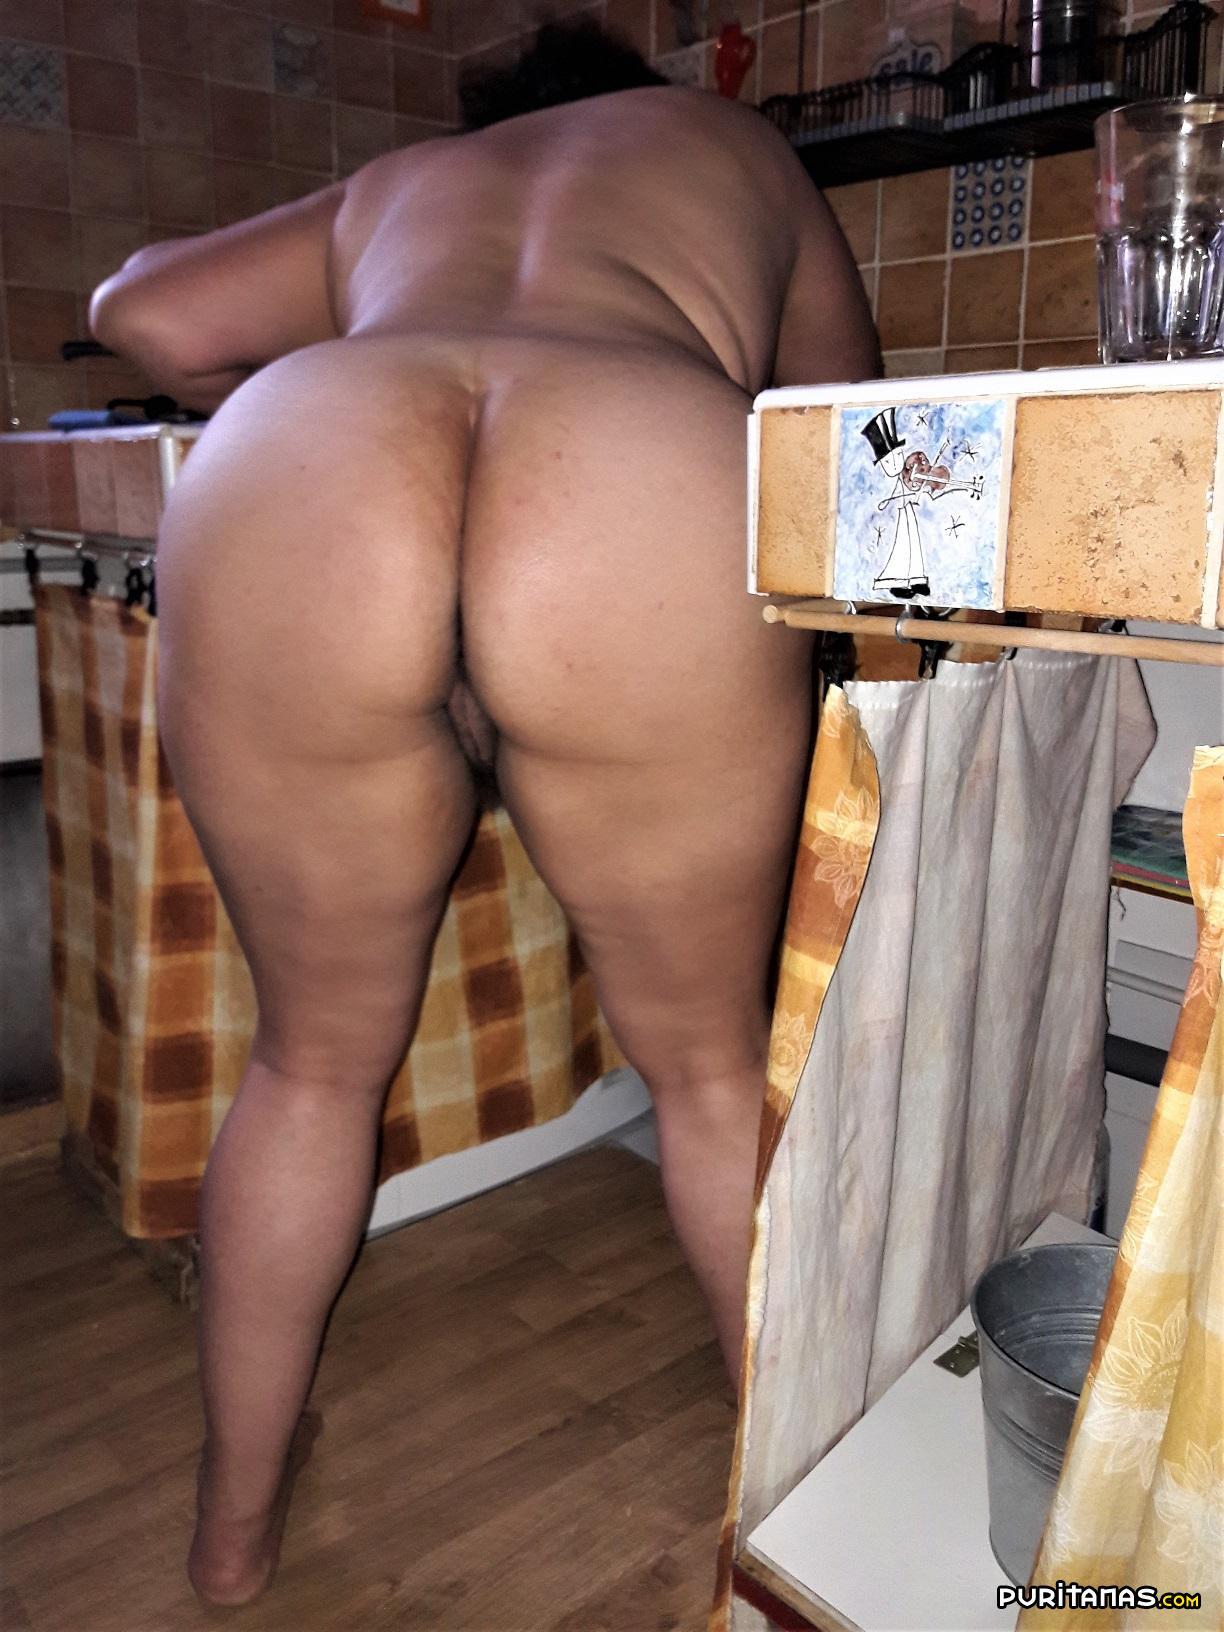 Amas De Casa Videos Porno Gratis ama de casa cachonda y desnuda - puritanas